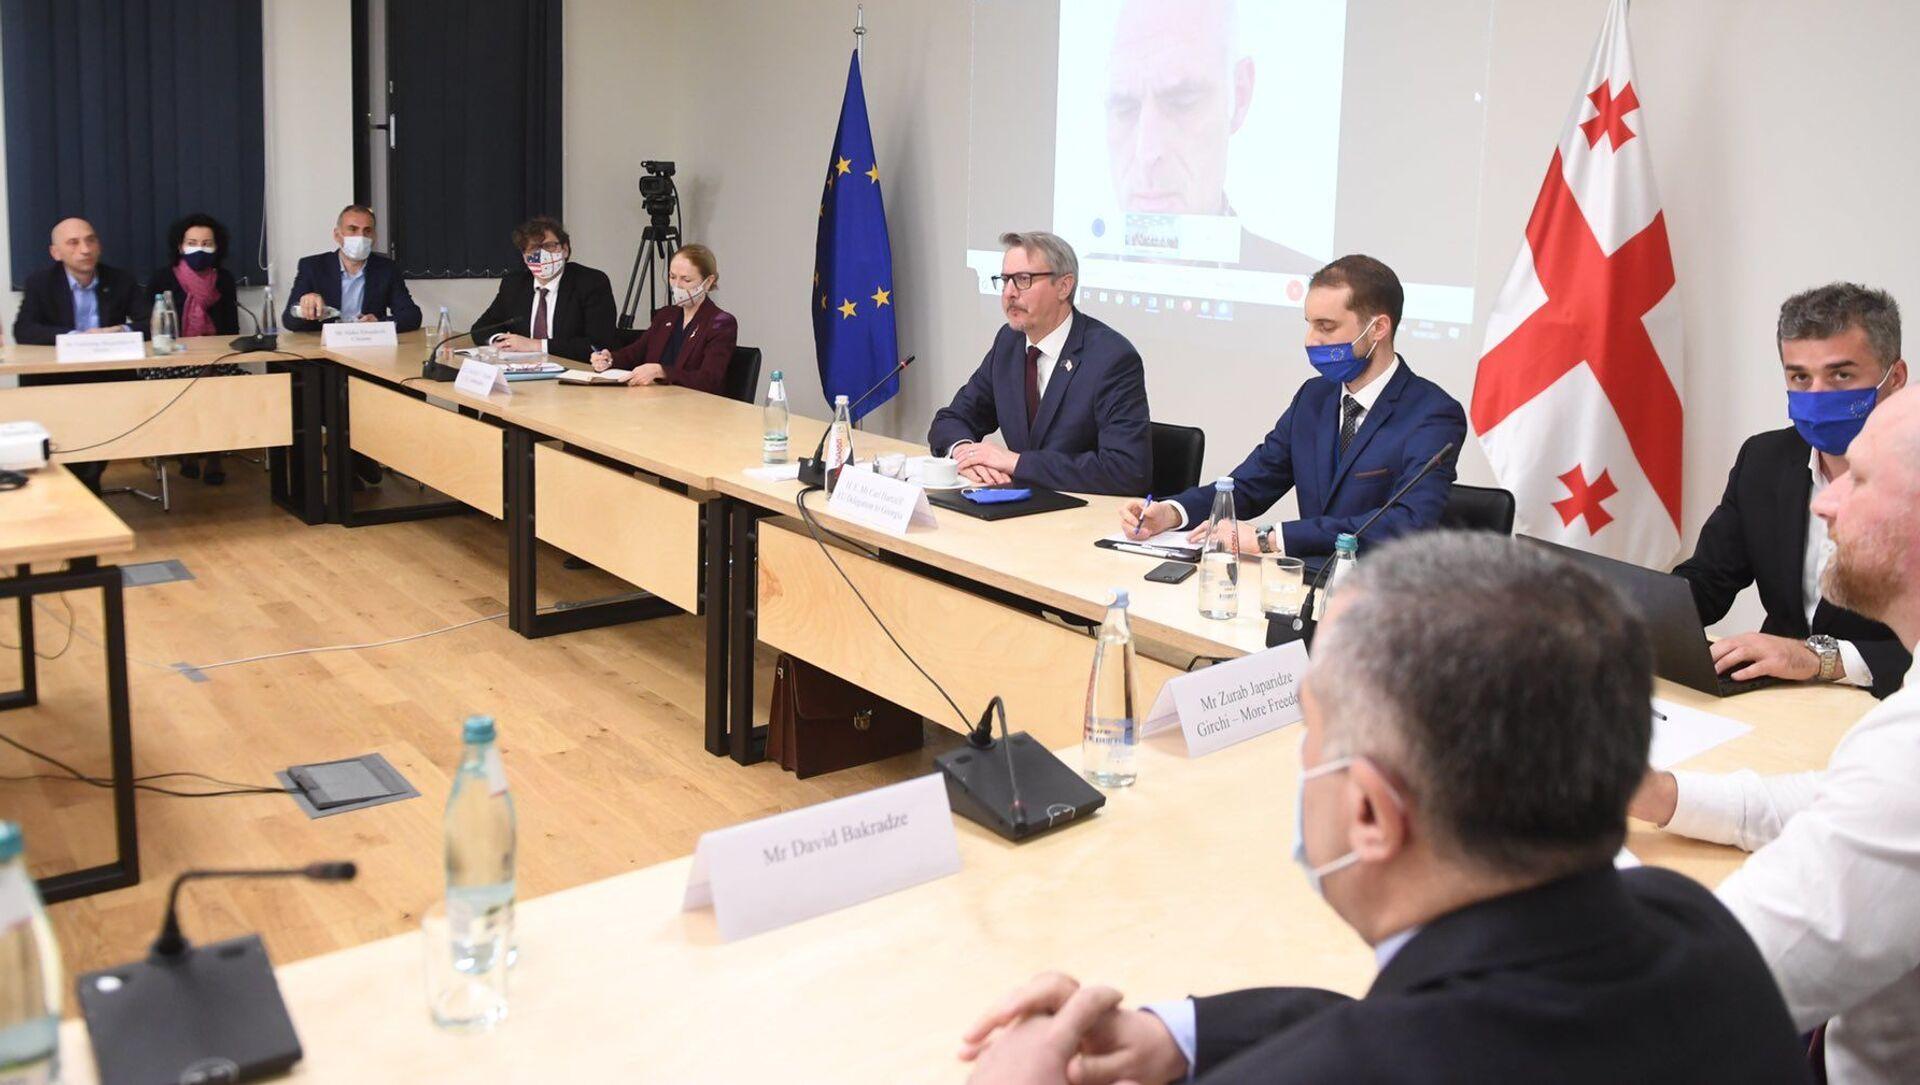 Переговоры властей и оппозиции Грузии при посредничестве ЕС - Sputnik Грузия, 1920, 19.04.2021